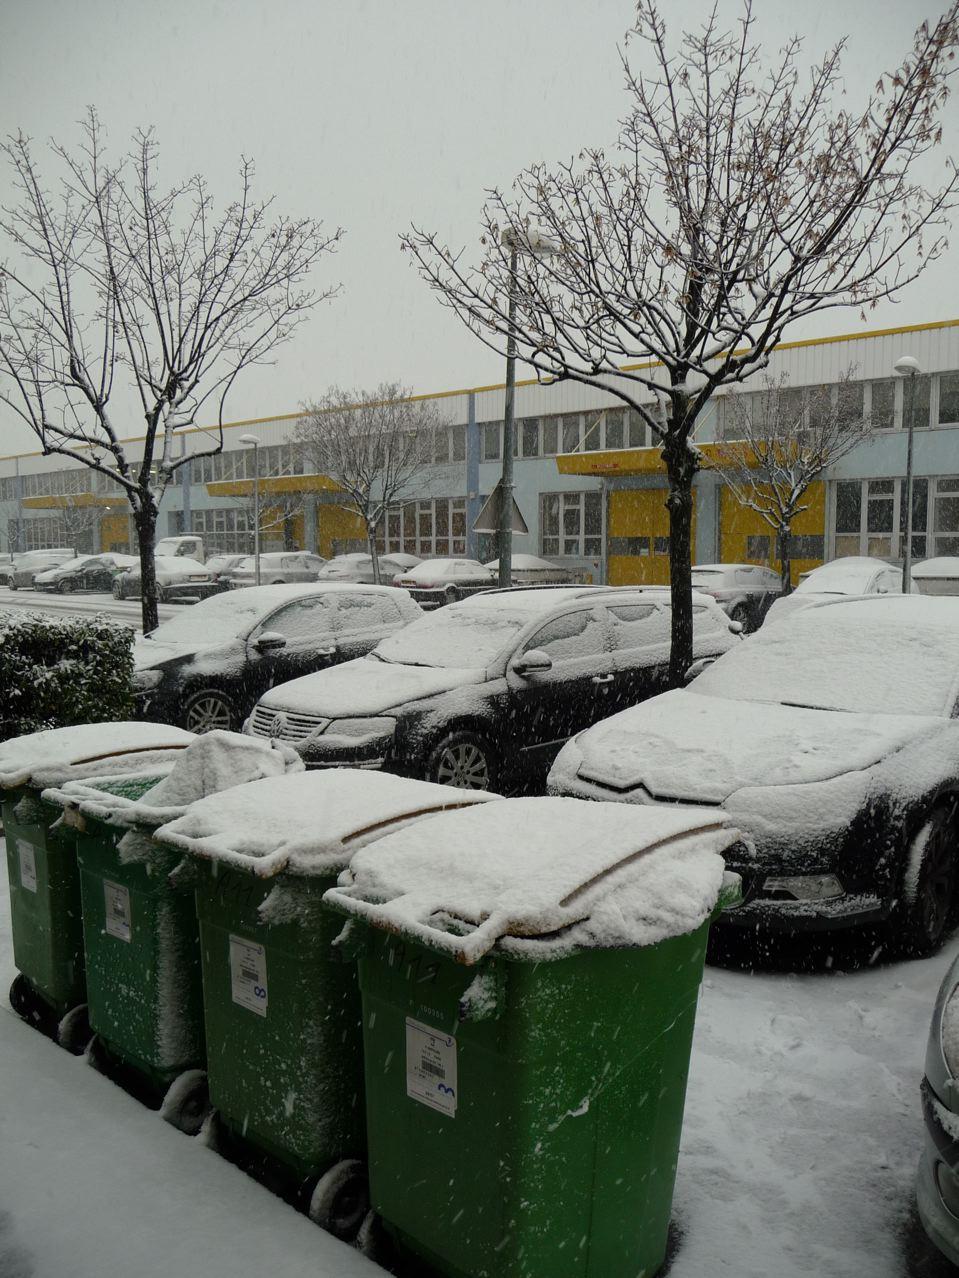 Importante chute de neige dans Paris et sur la région parisienne